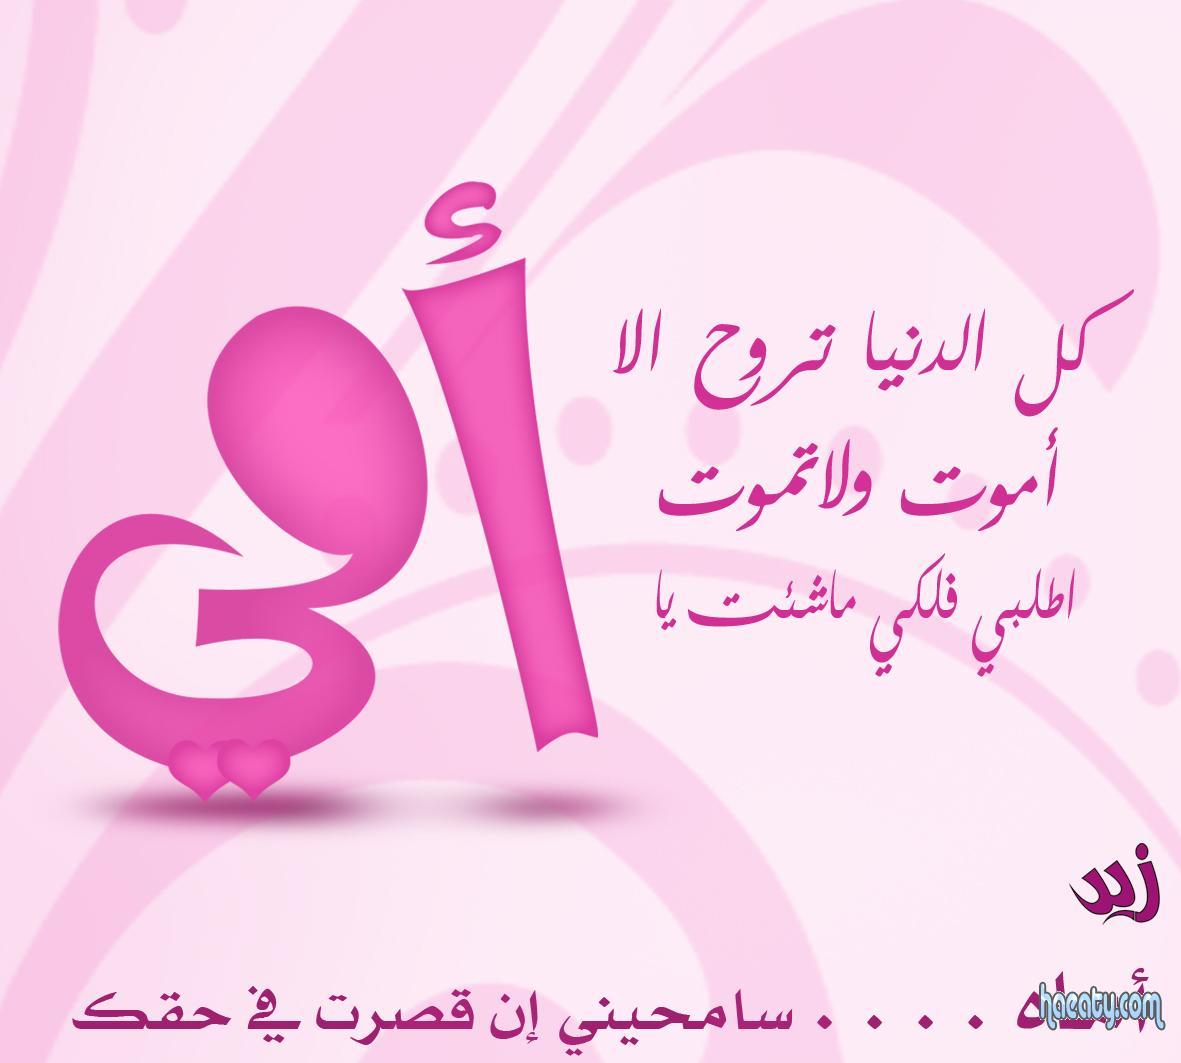 2014 1392363218579.jpg